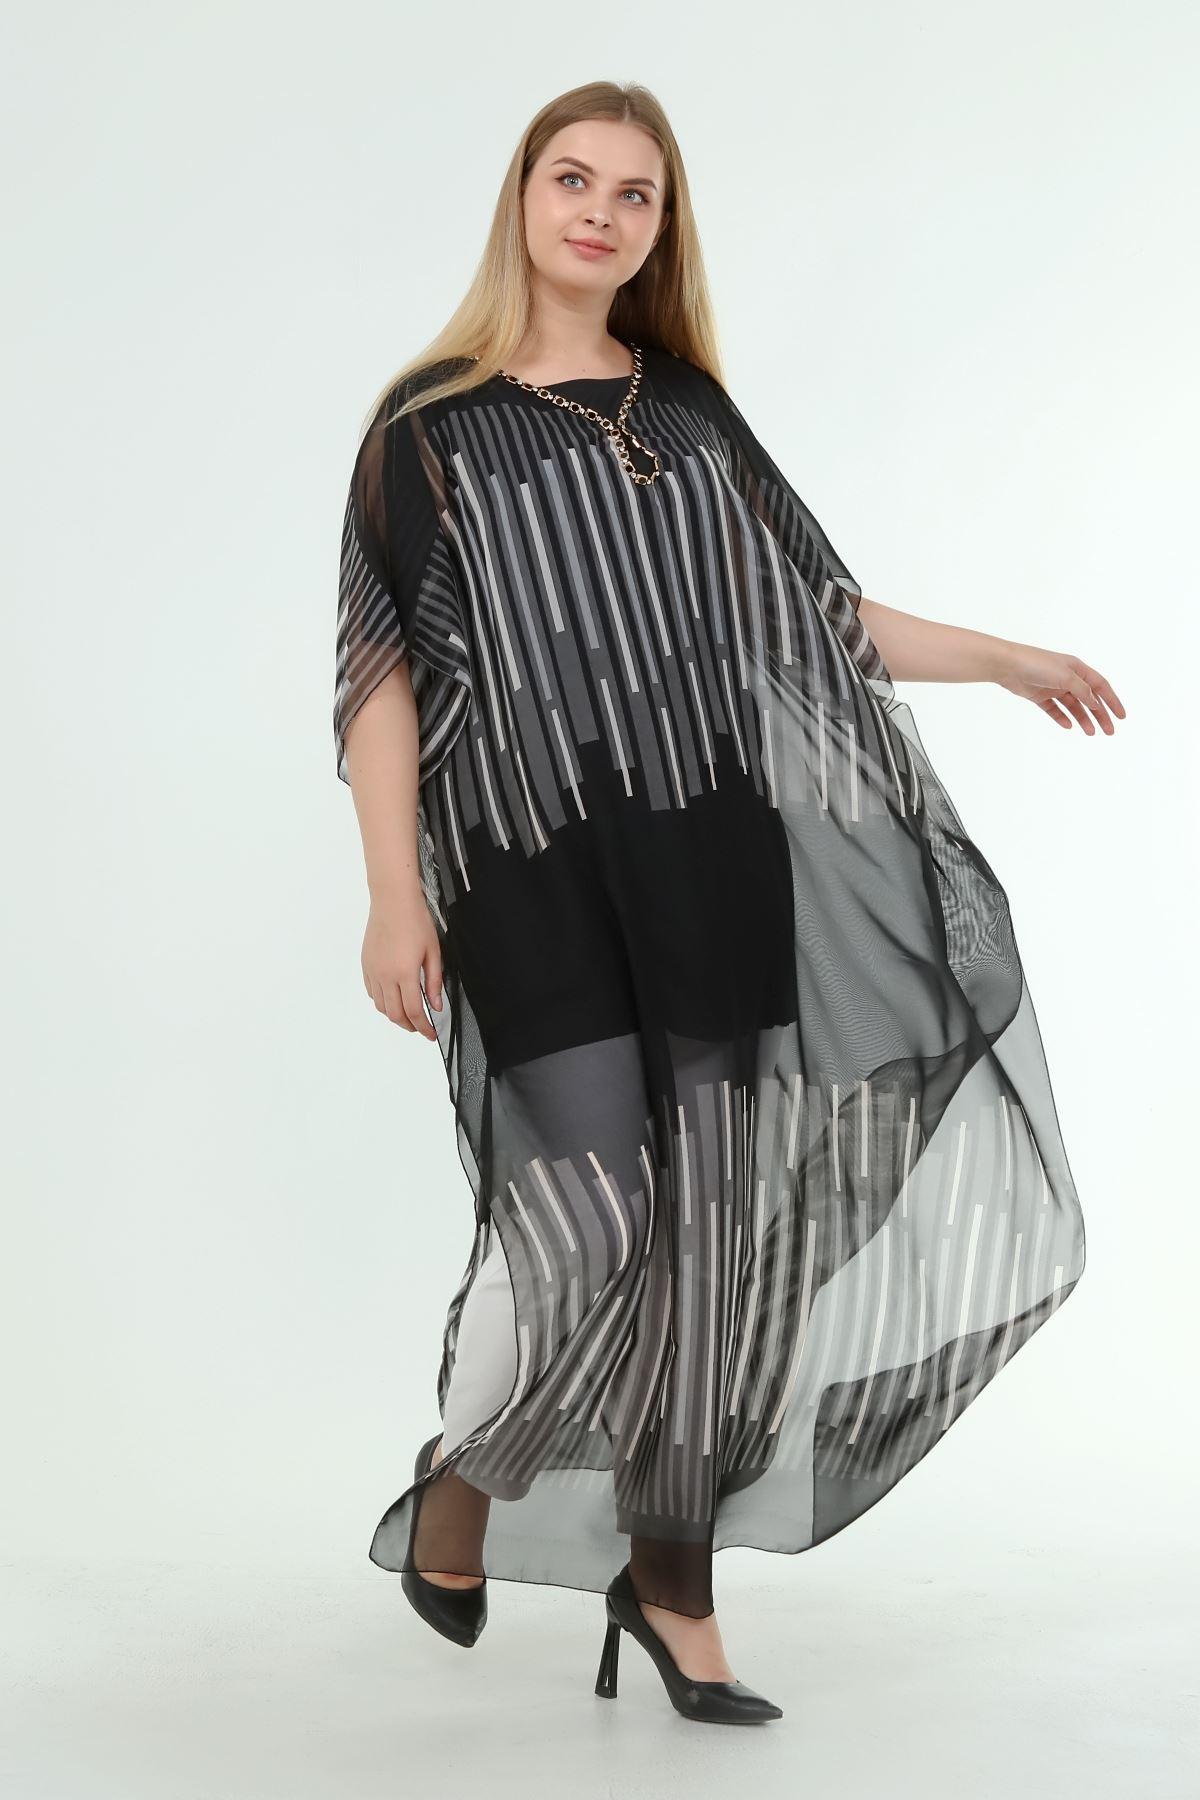 Kadın Büyük Beden Siyah Desenli Şifon Astarlı Elbise  A1-4055